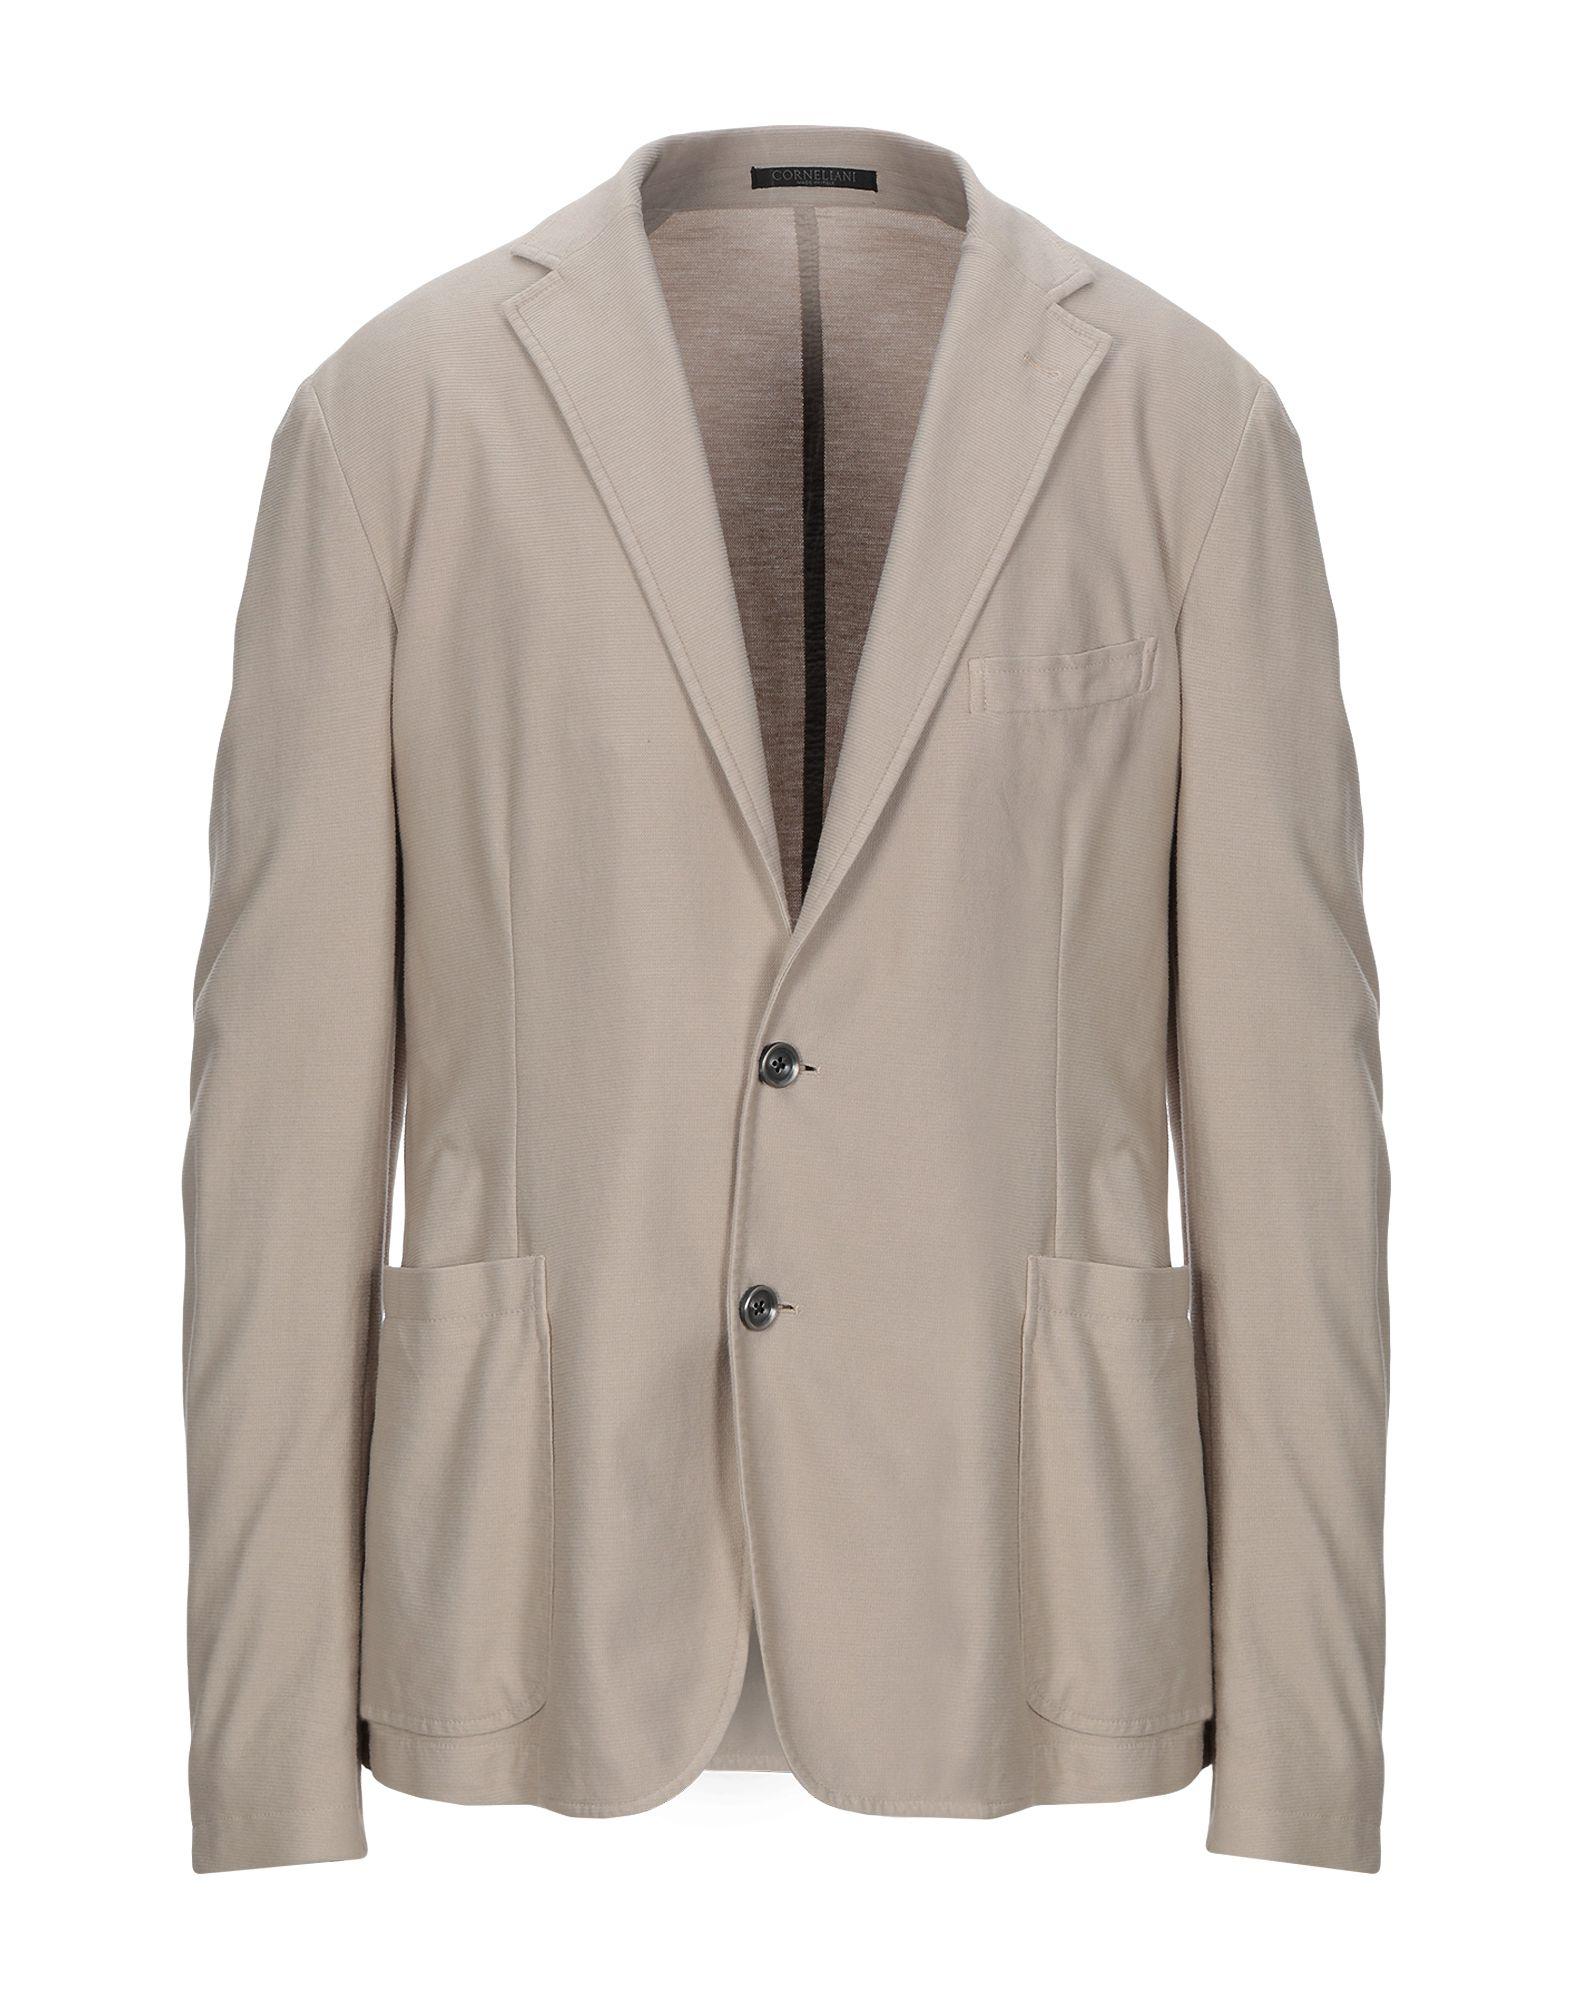 《期間限定セール開催中!》TREND CORNELIANI メンズ テーラードジャケット ベージュ 54 コットン 100%